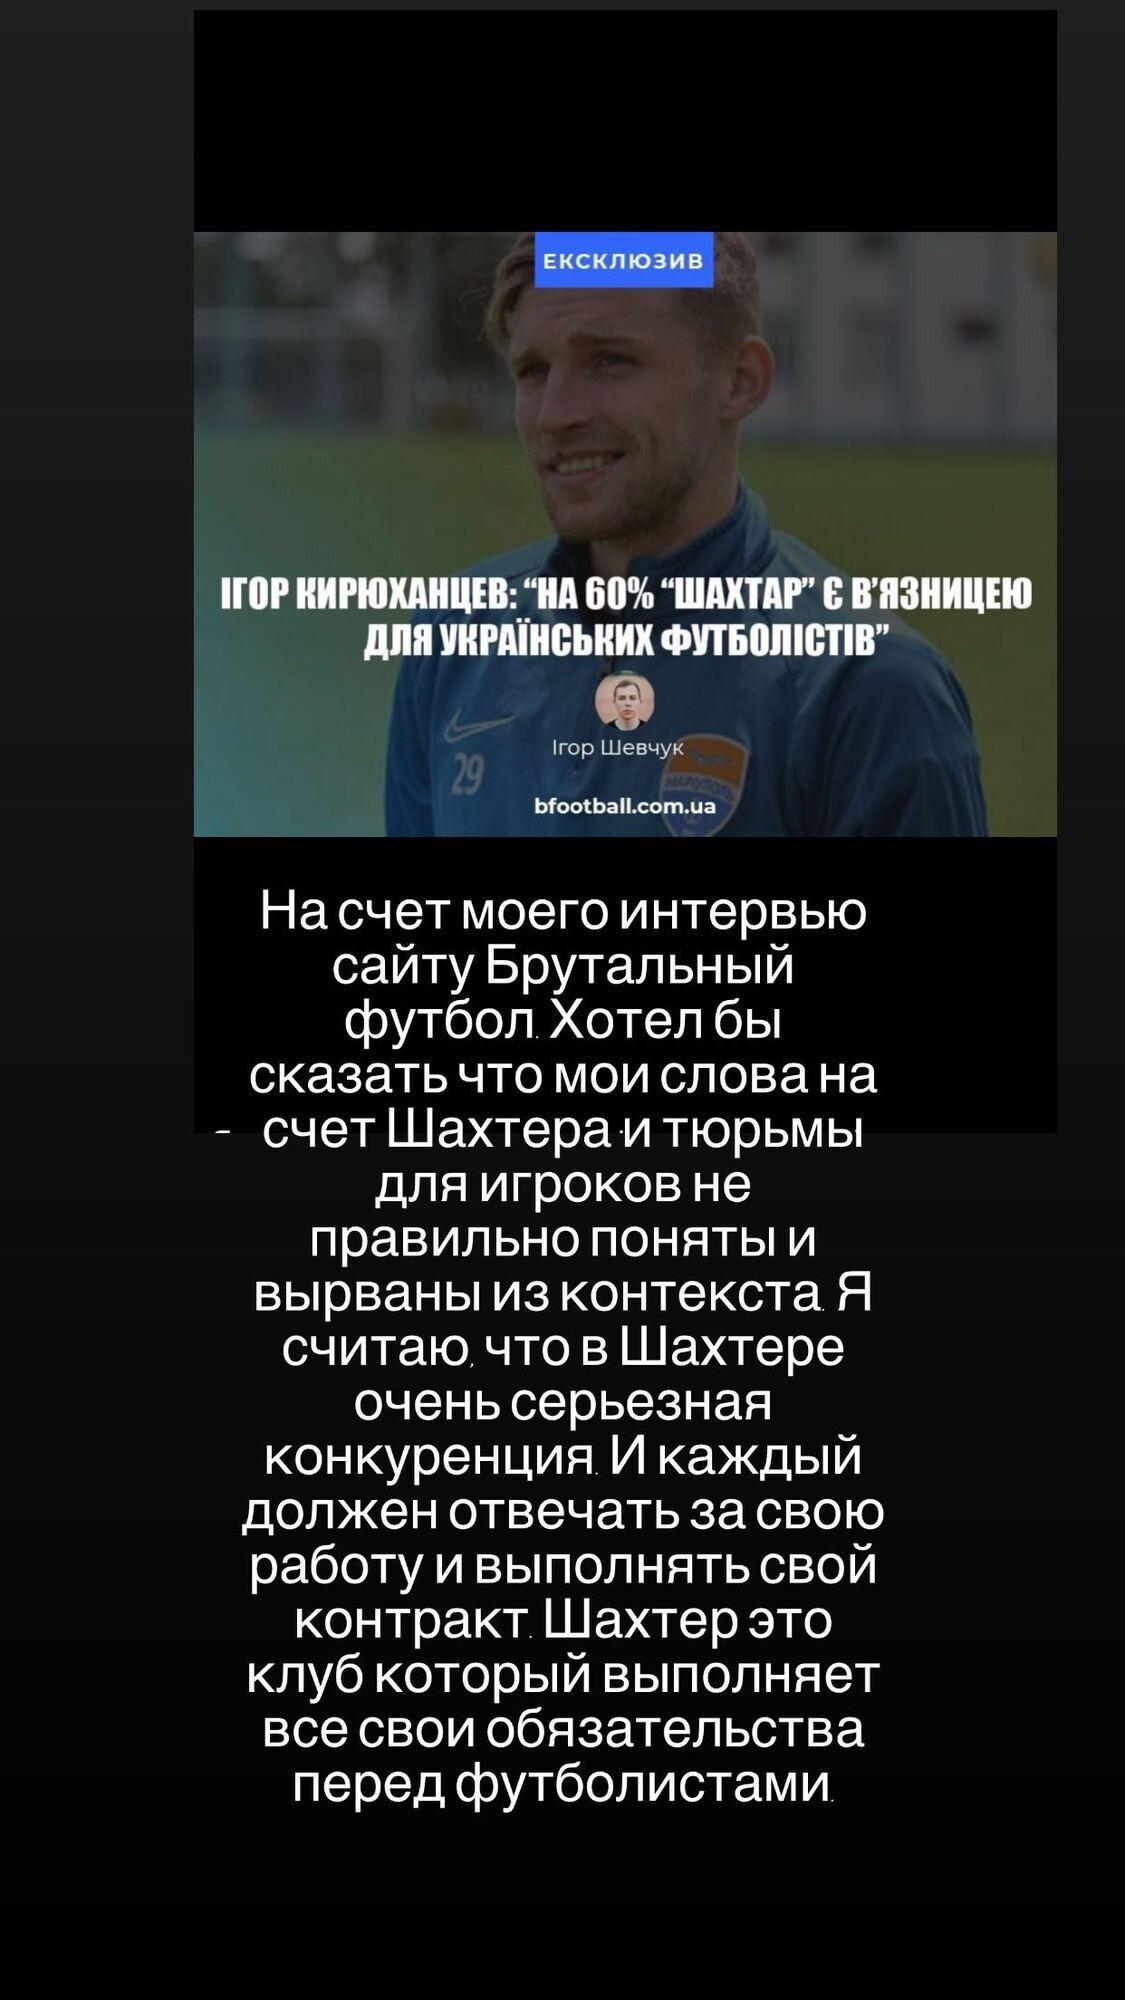 Игорь Кирюханцев оправдался за свои слова